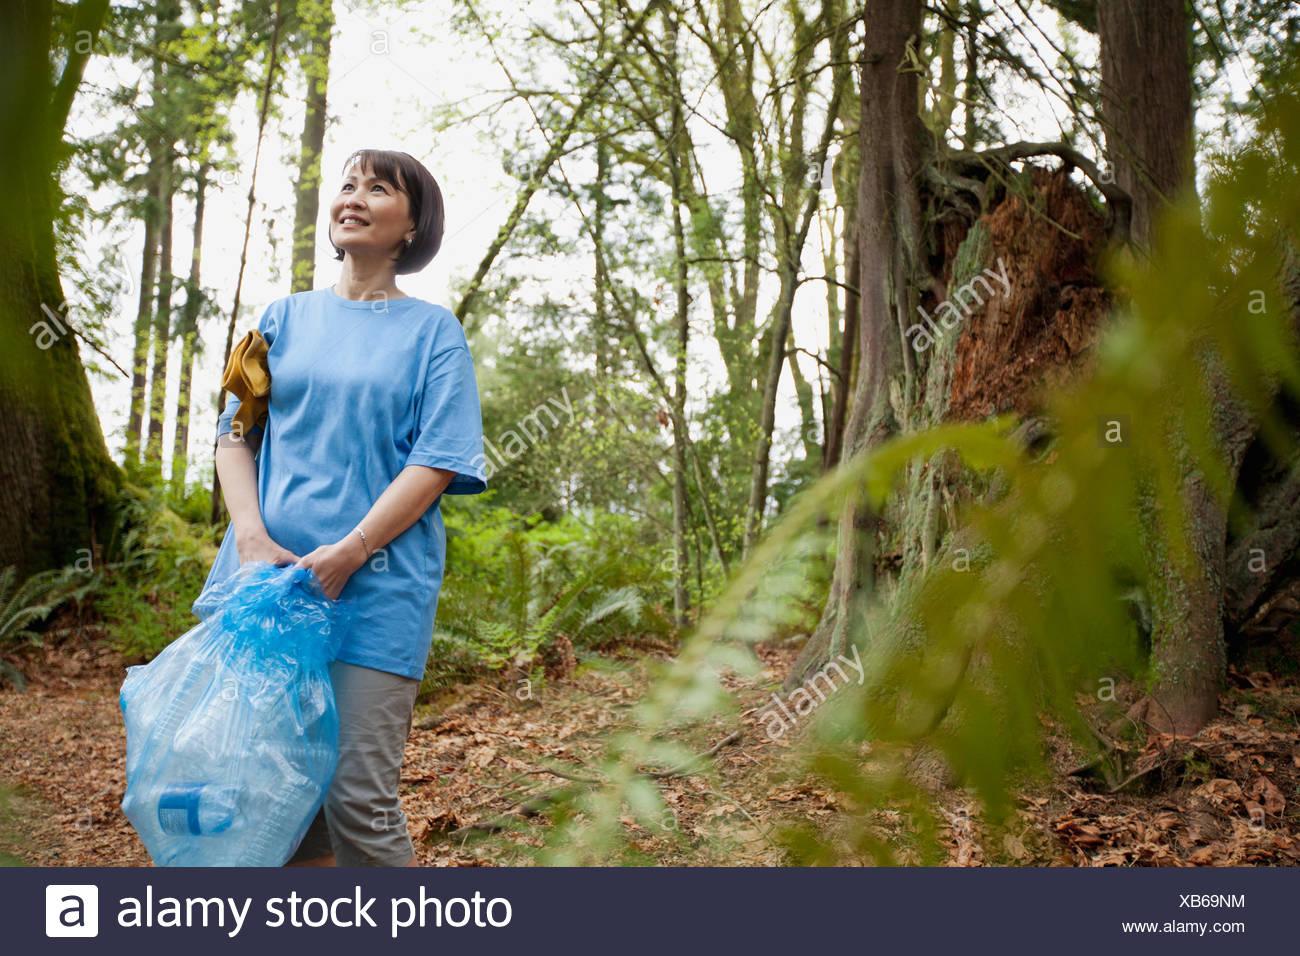 Femme mature aidant à nettoyer park Photo Stock